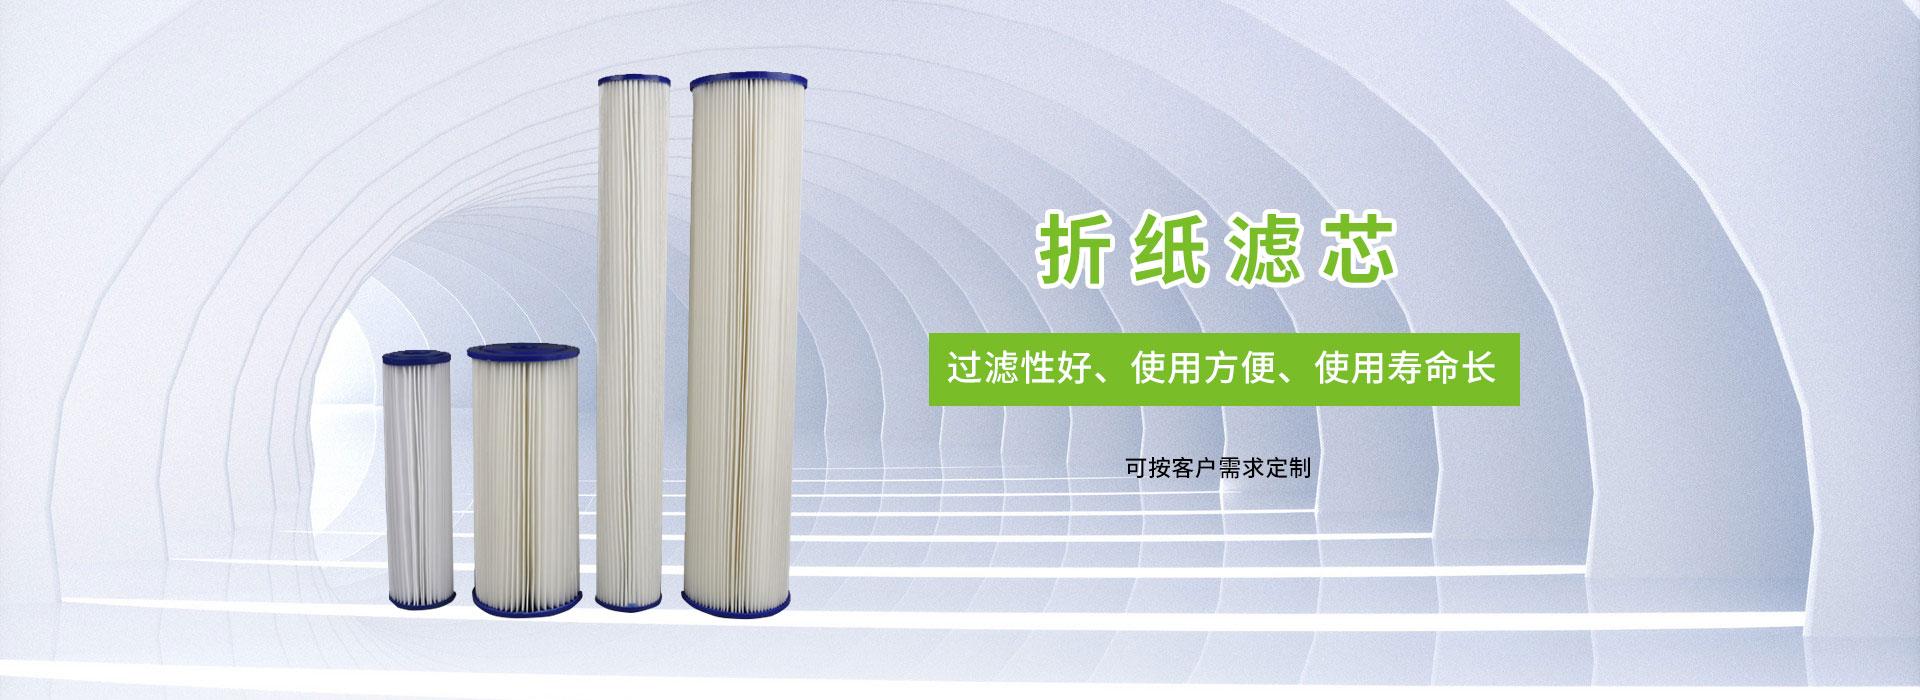 江苏昂跨环保科技有限公司